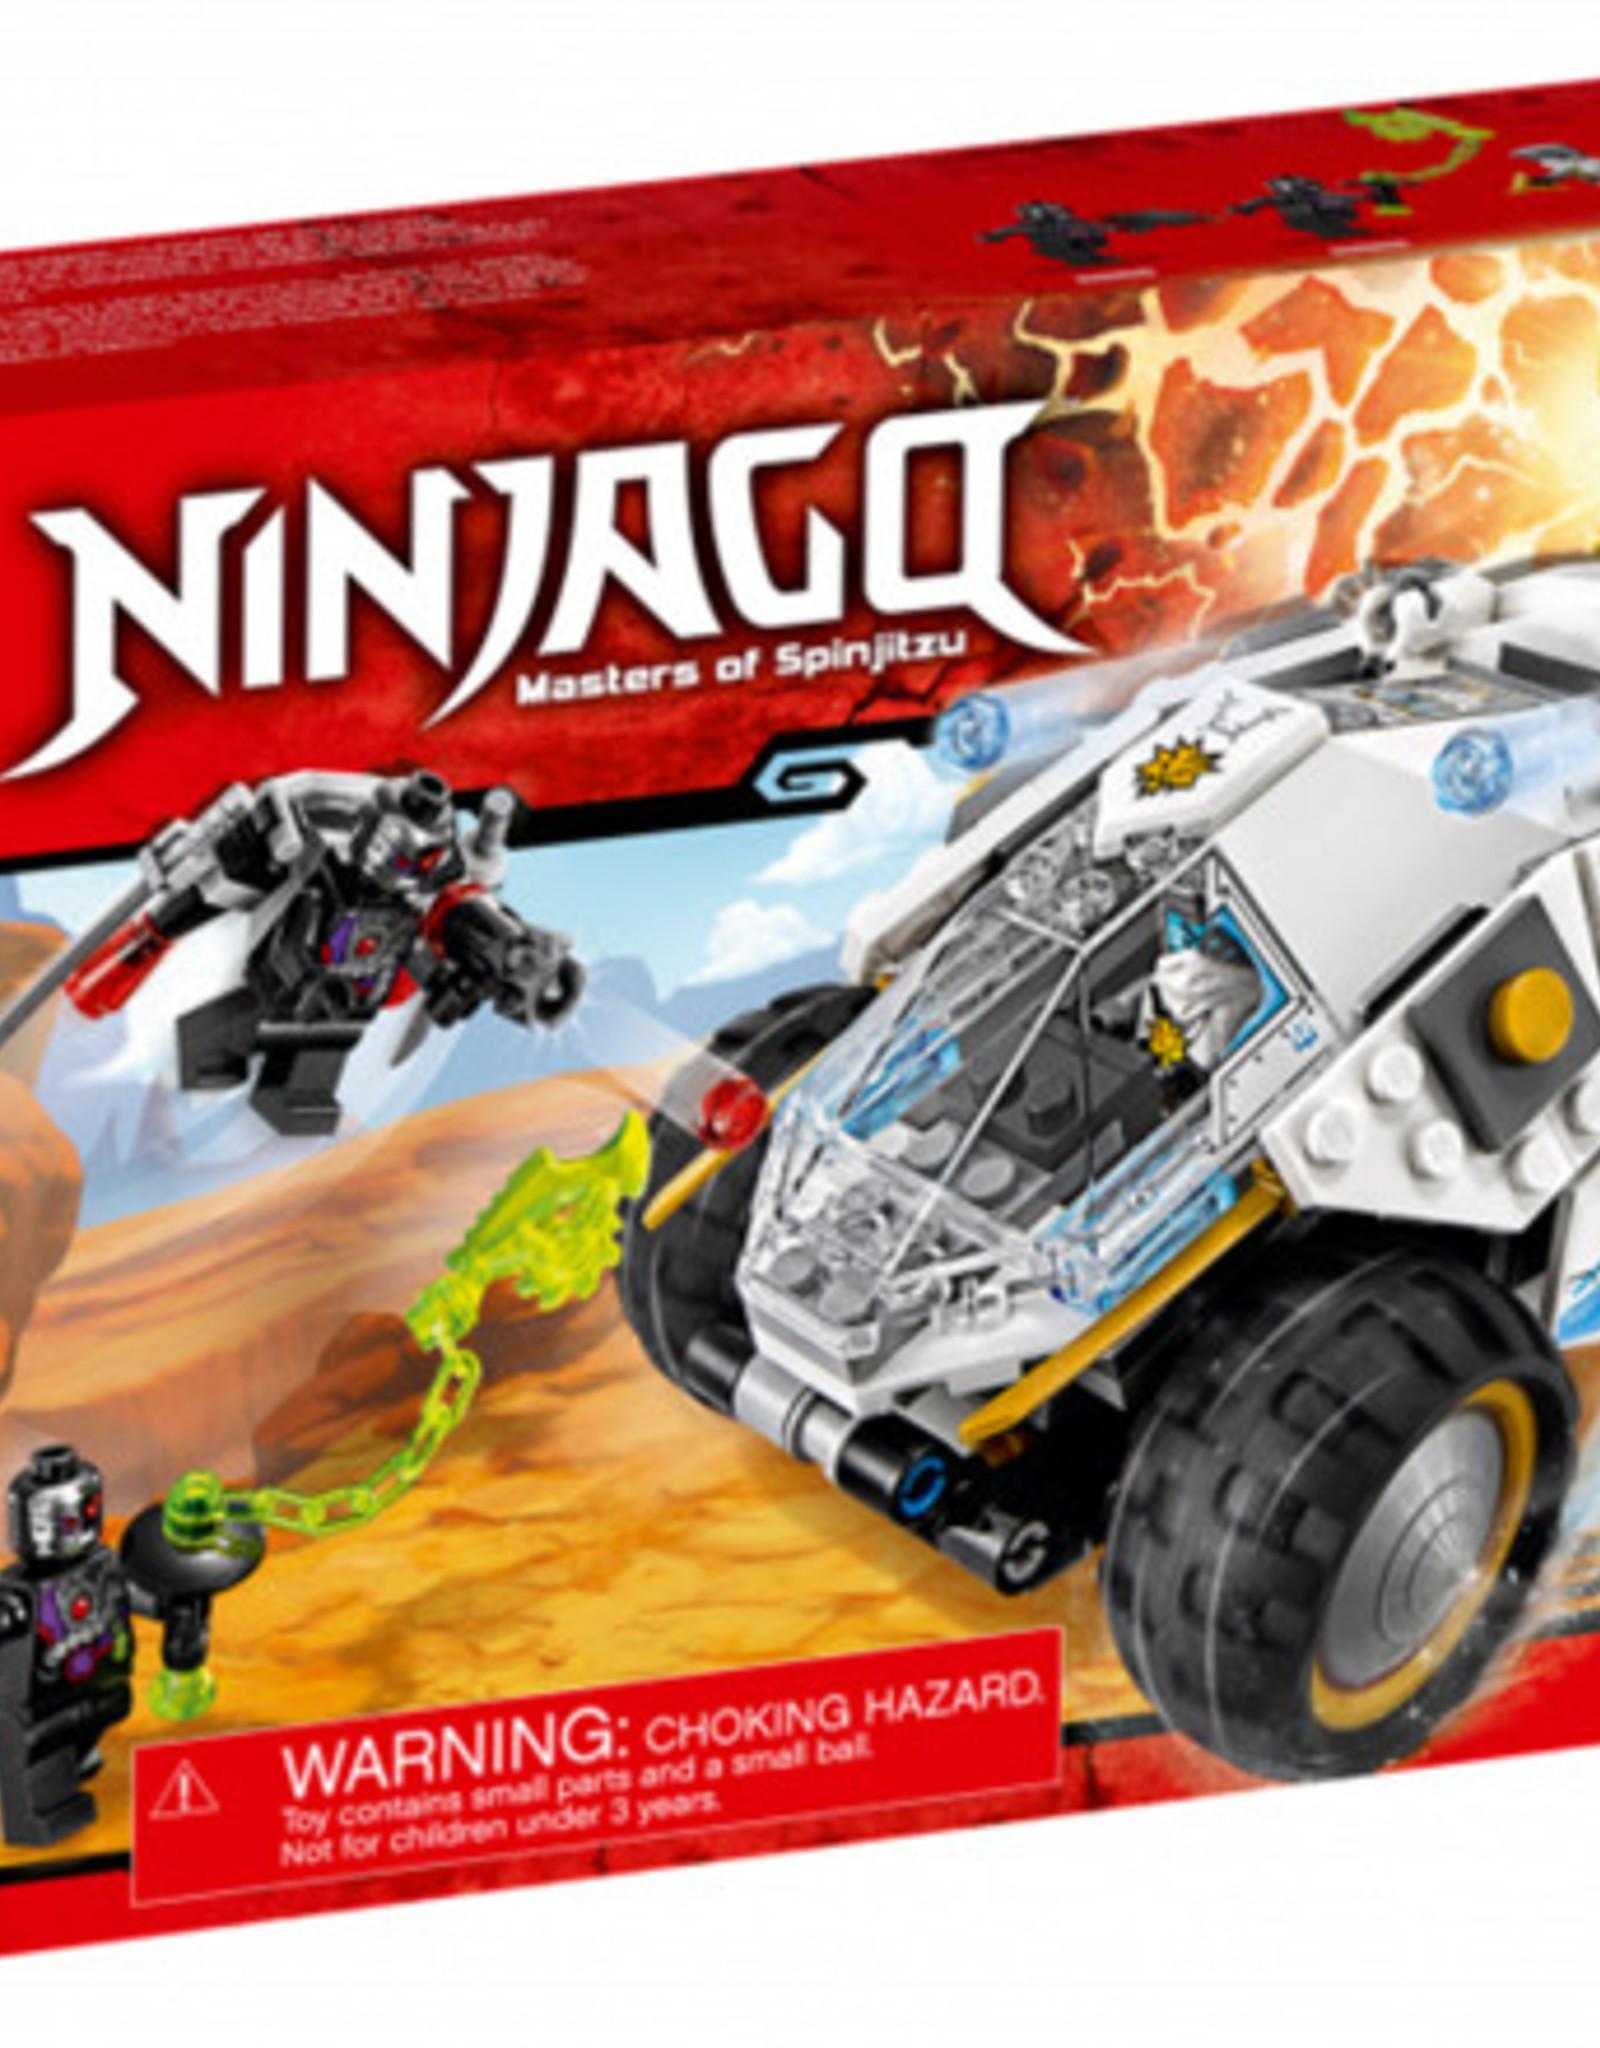 LEGO LEGO 70588 Titanium Ninja Tumbler NINJAGO